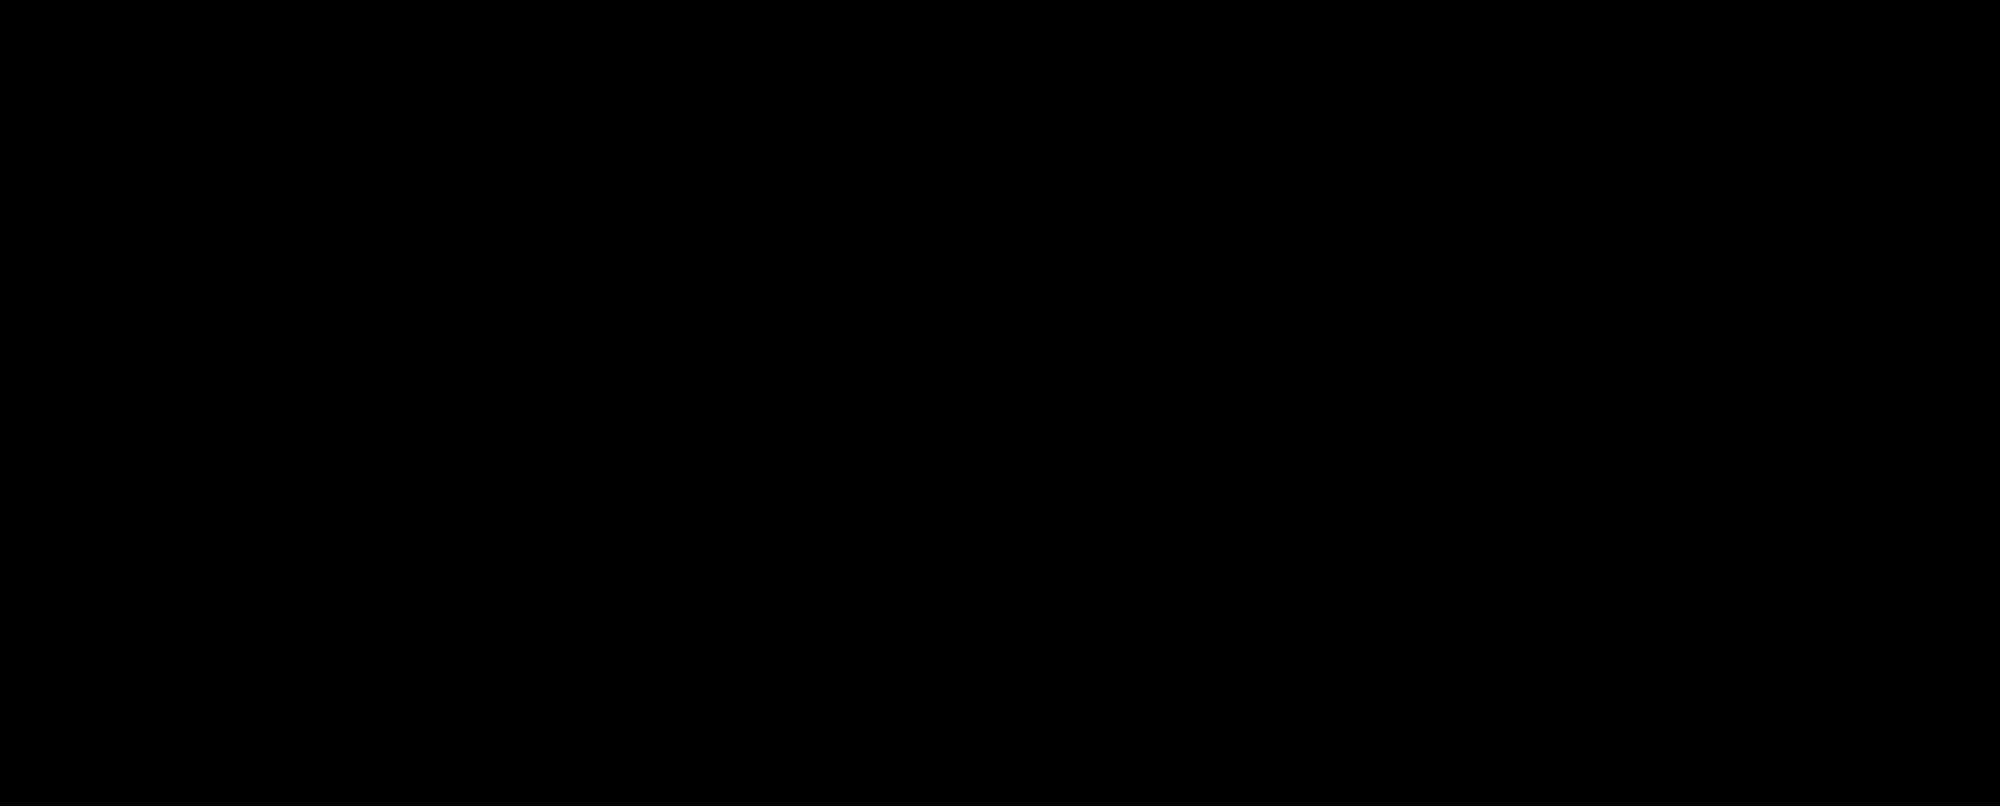 Alphabets PNG - 15158